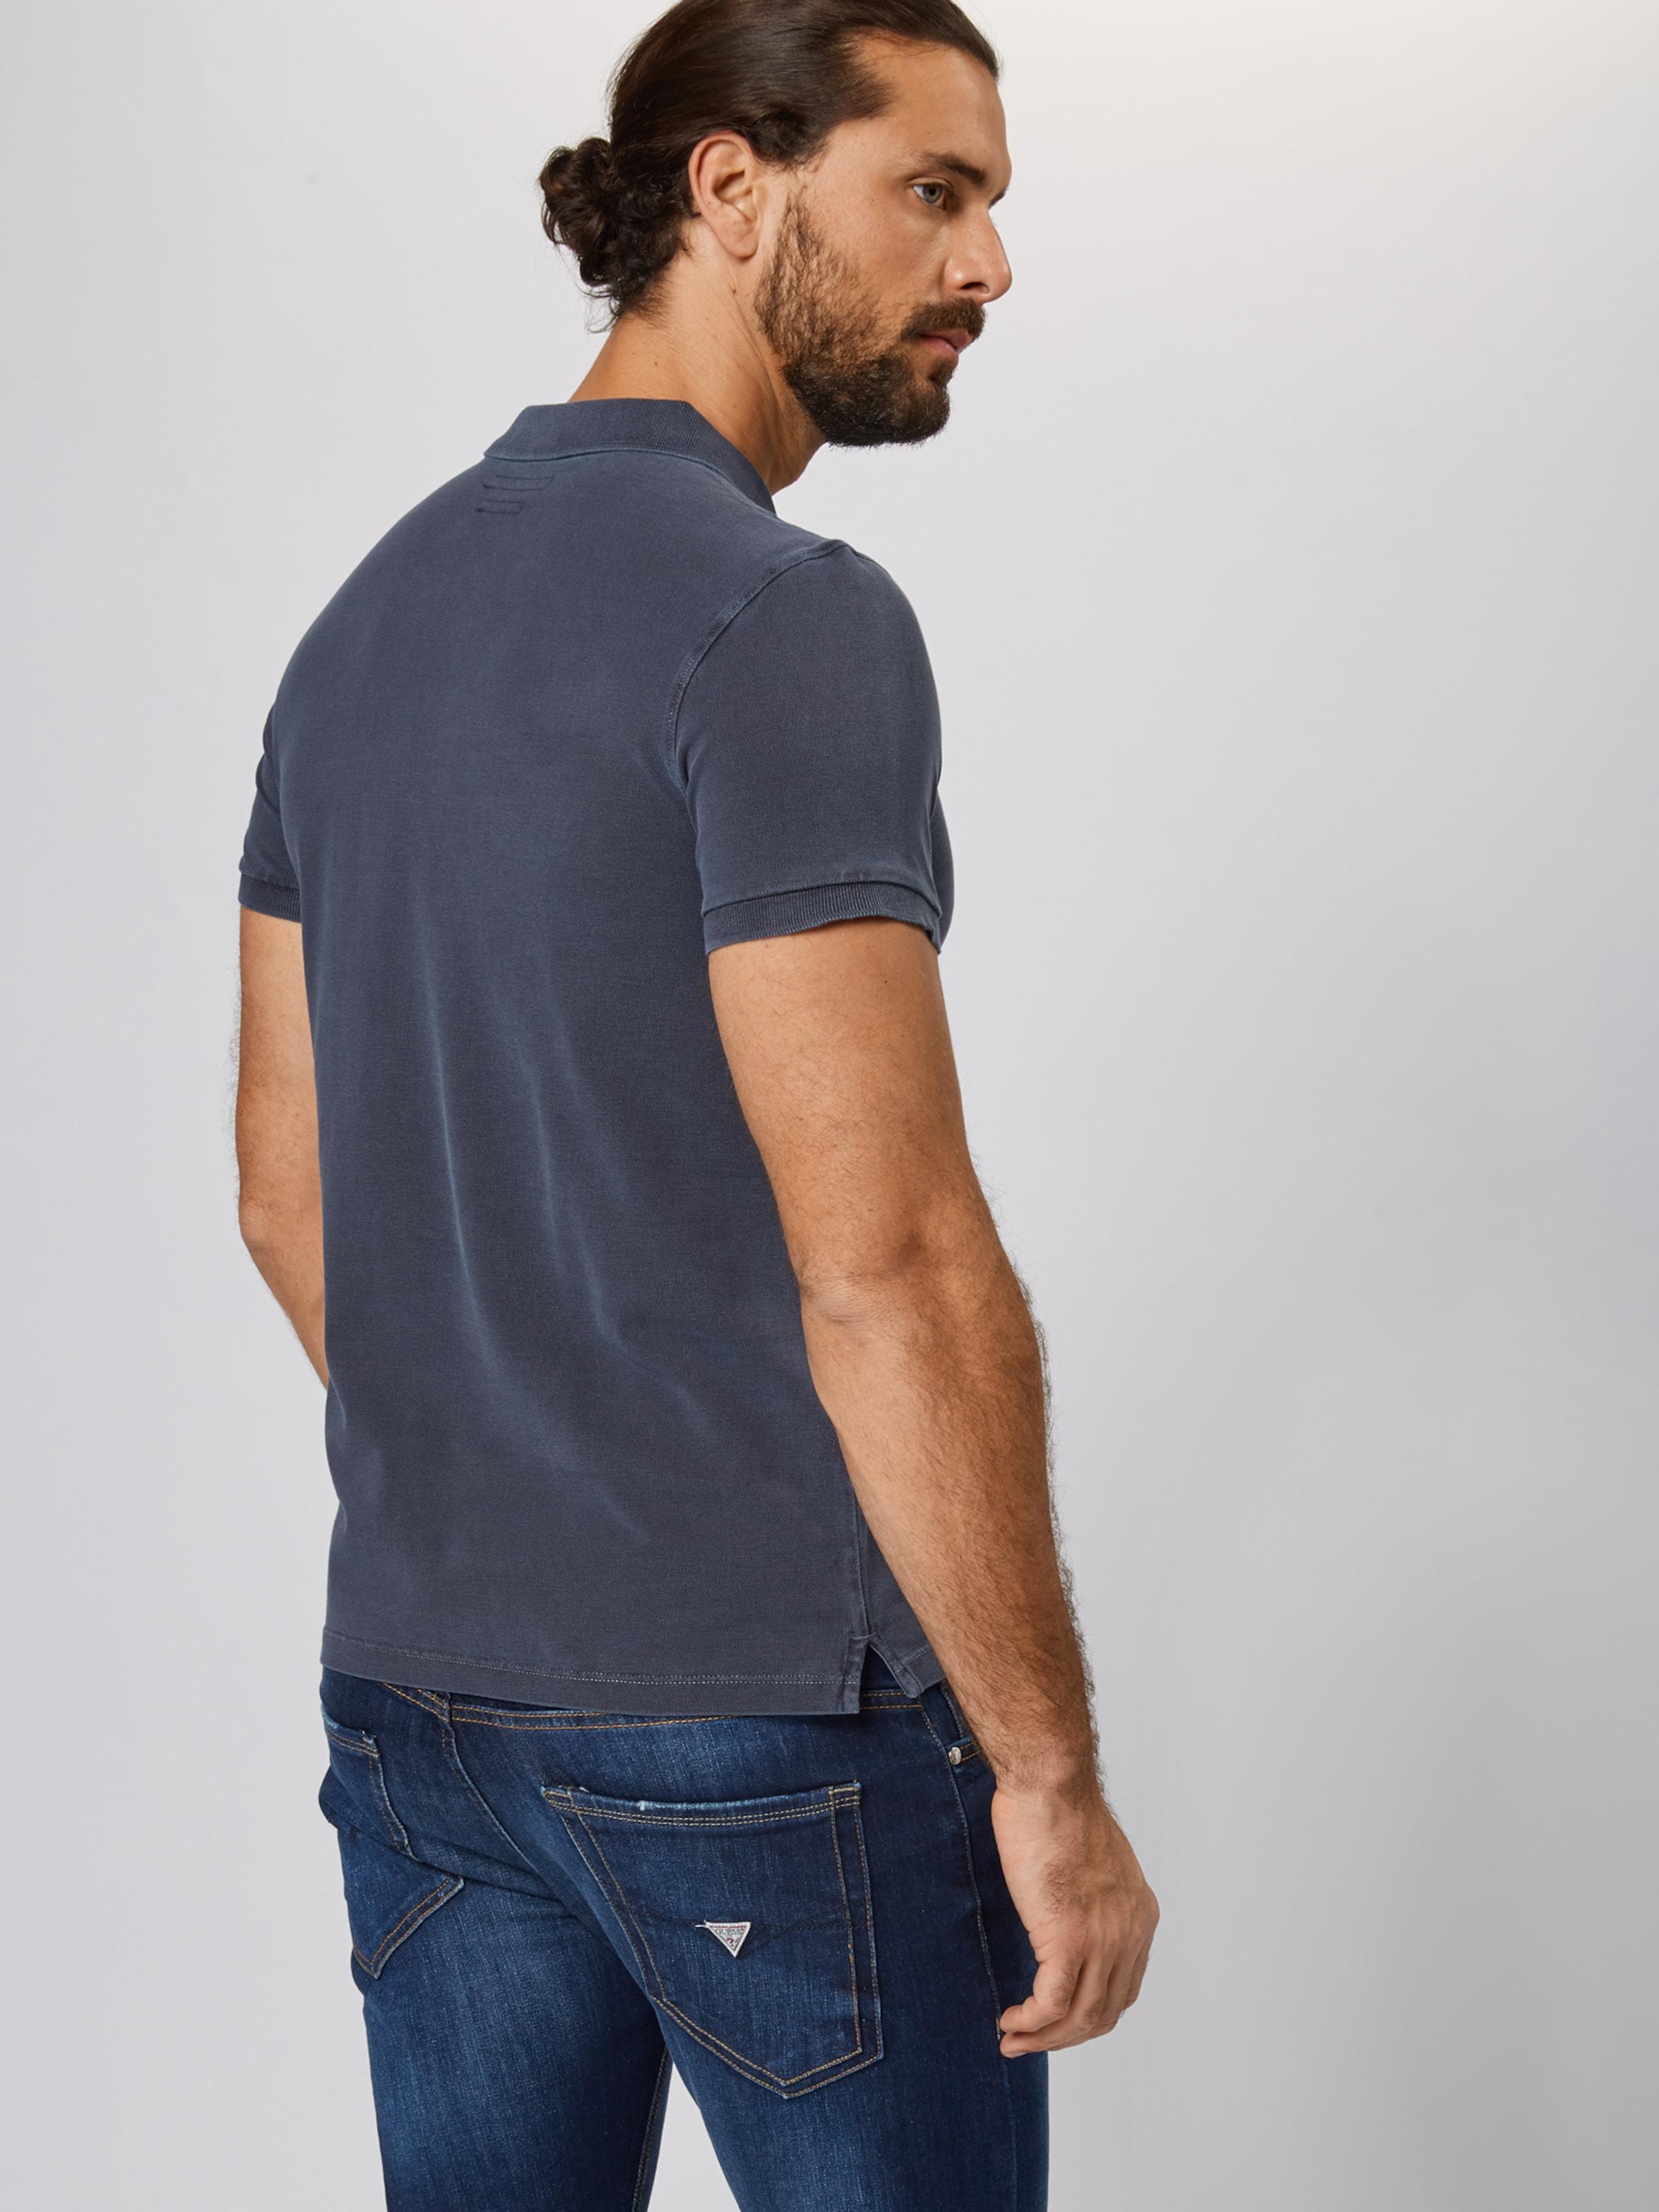 O'polo In Shirt Shirt Nachtblau Marc O'polo In Marc OZwXukPiT